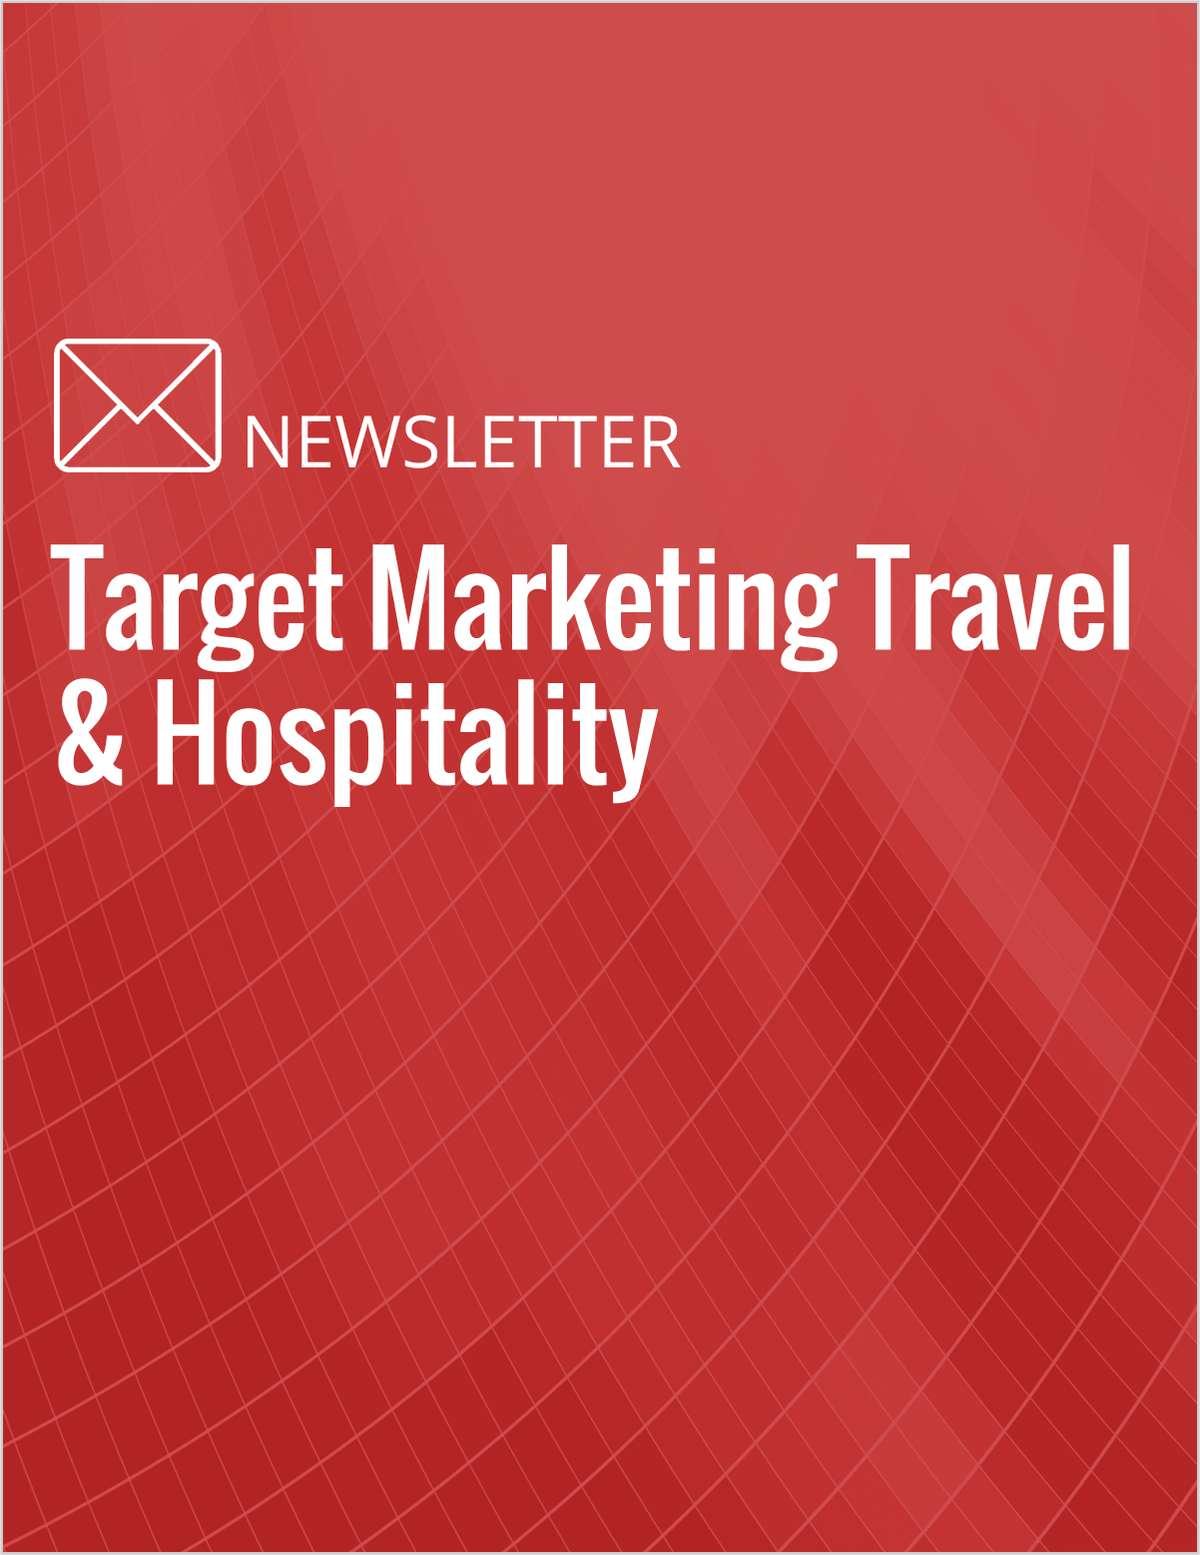 Target Marketing Travel & Hospitality